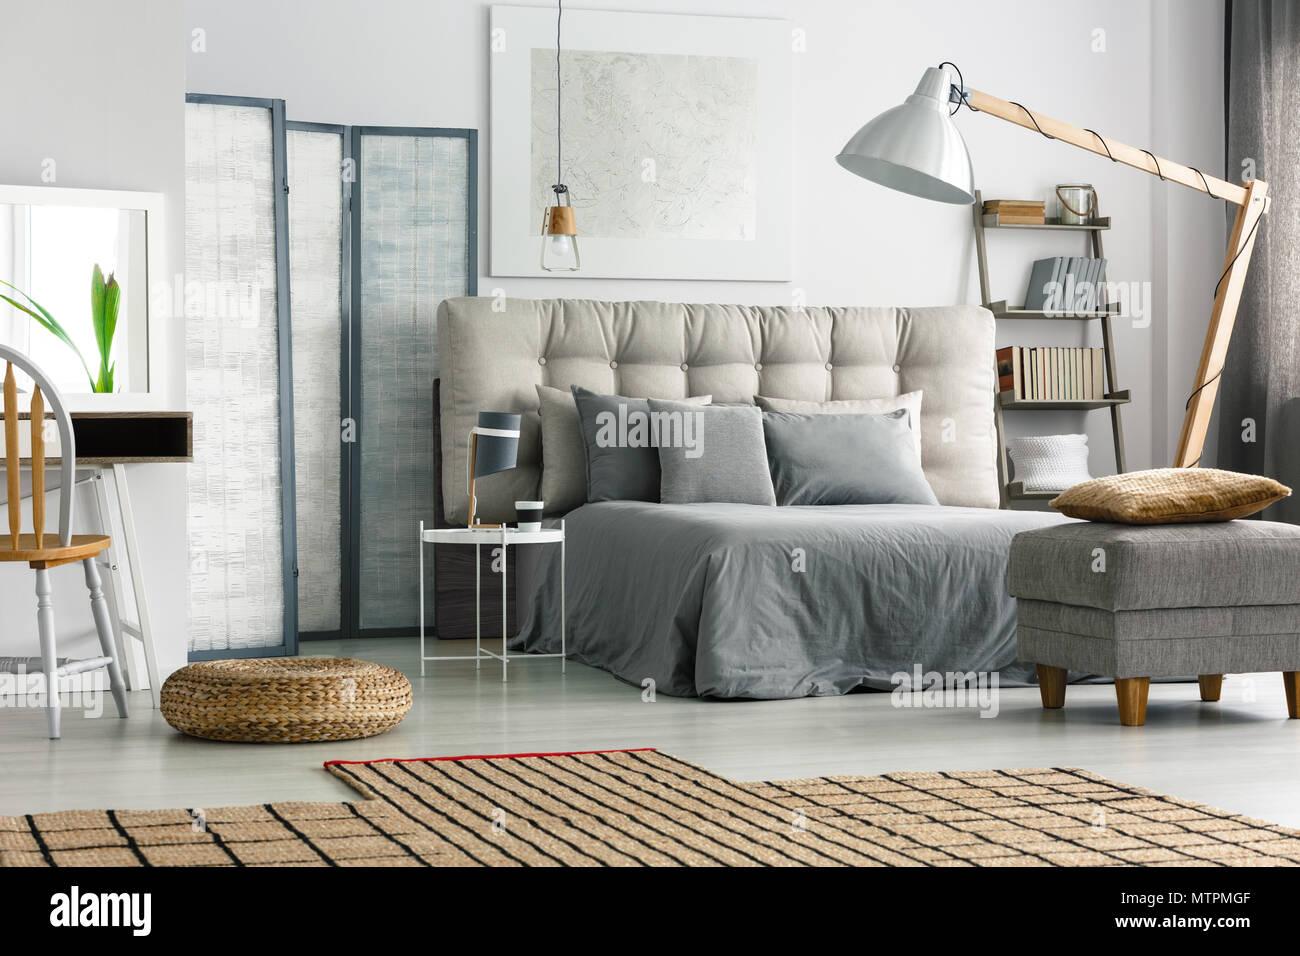 Fußboden Teppich Grau ~ Wicker teppich auf dem boden in gemütlichen grau schlafzimmer mit